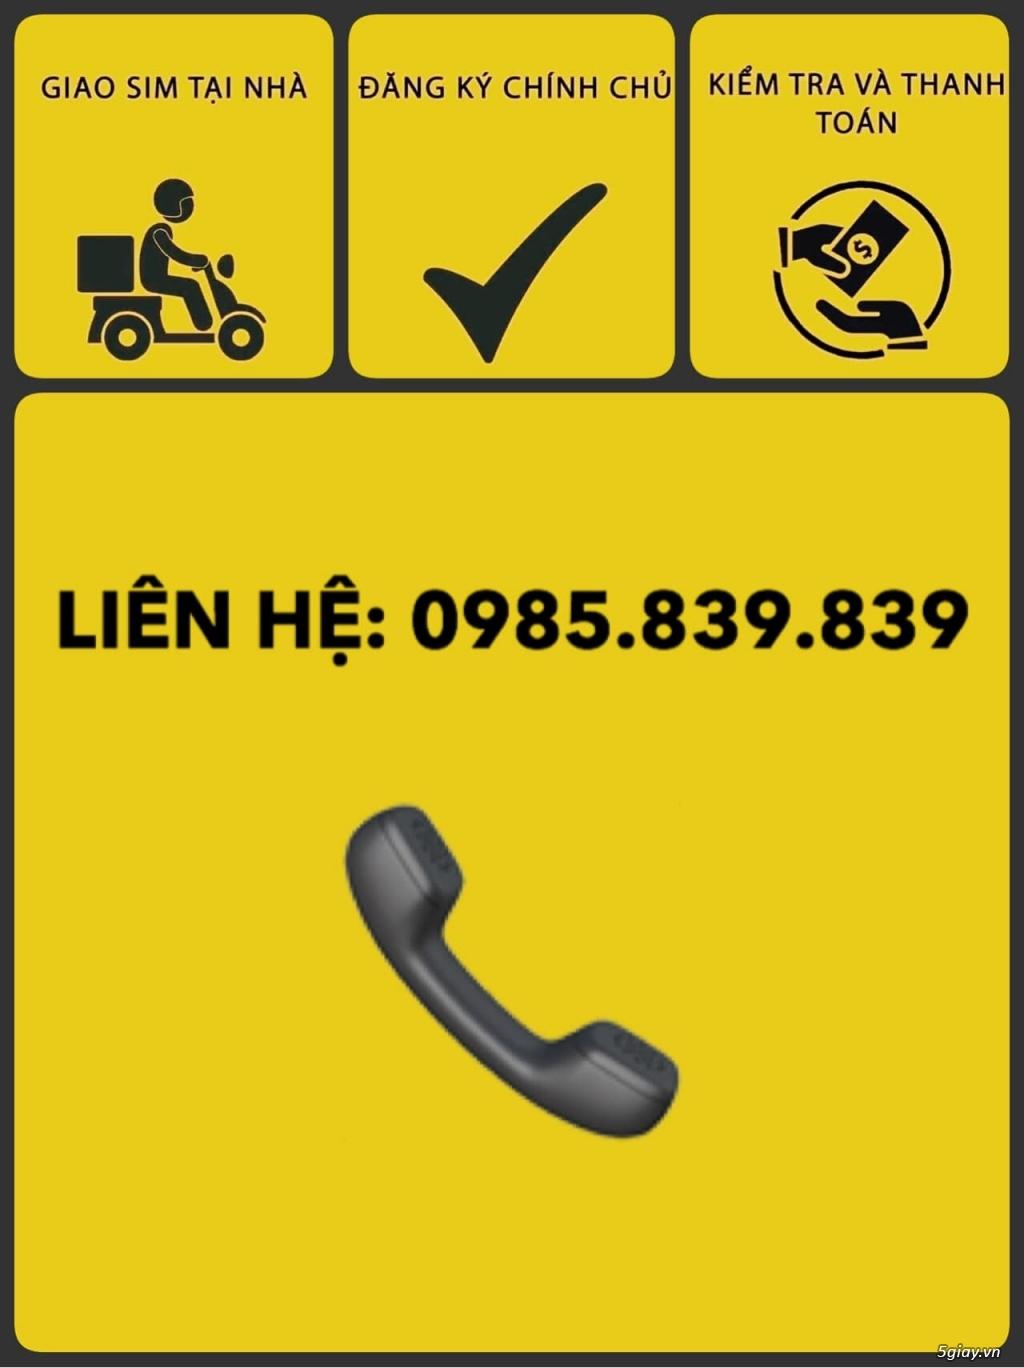 Chuyên sim đẹp giá rẻ hàng chuẩn sim cặp Tình Nhân, Taxi Tiến, Sảnh Tiến, đuôi ABAB, Tam Hoa ...